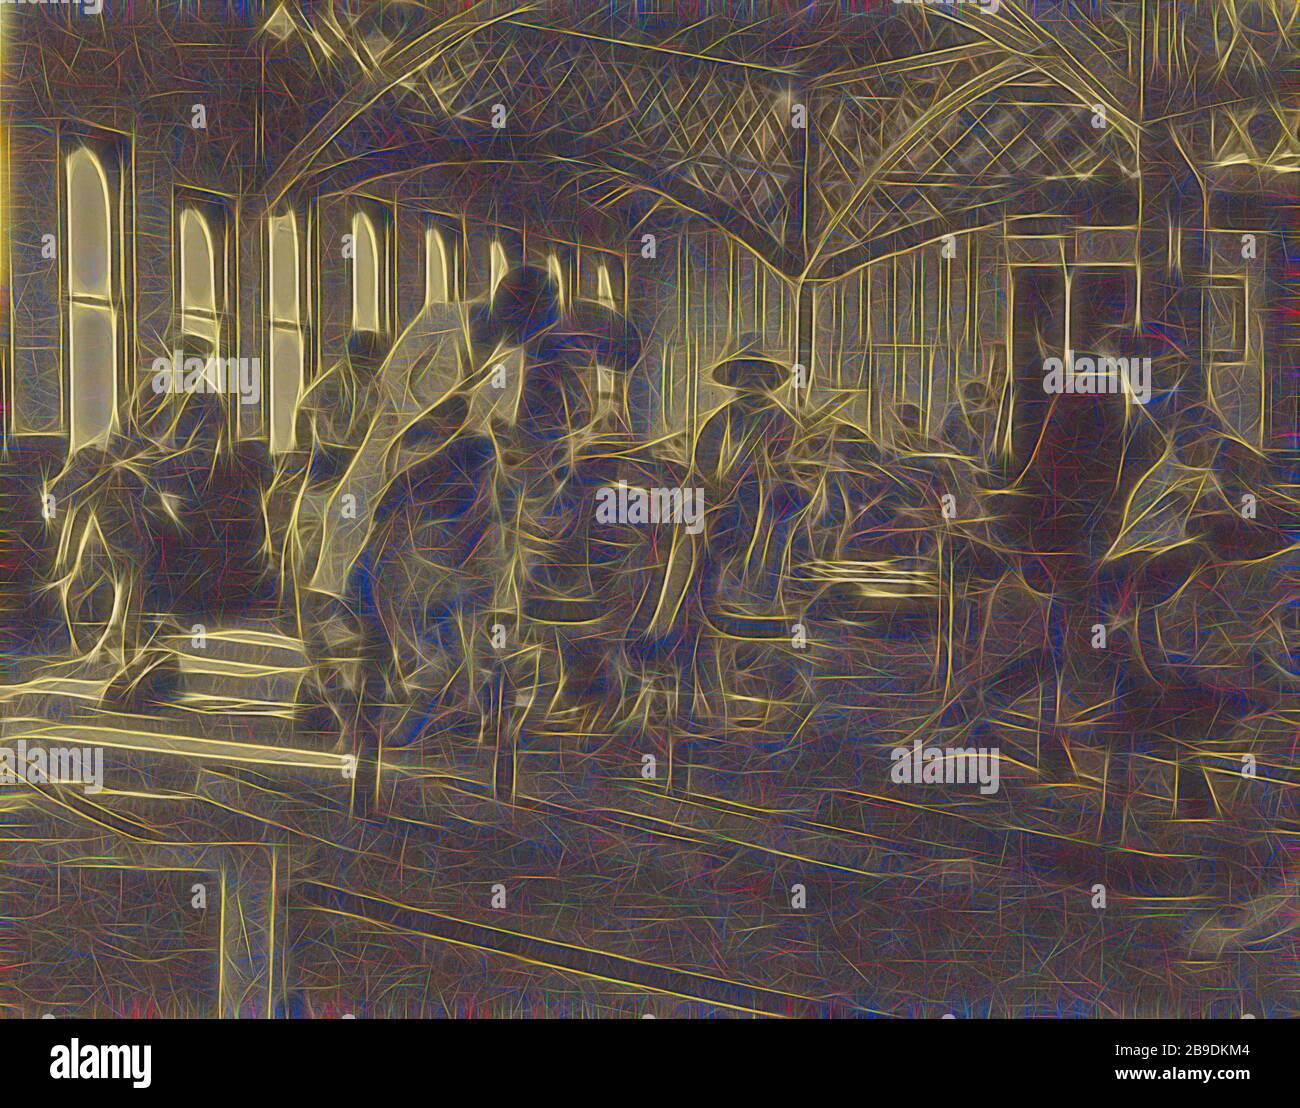 Gente montando en un carrusel, Louis Fleckenstein (americano, 1866 - 1943), cerca de 1910, impresión de bicromato de goma de sepia tonificada, 26.7 x 33.8 cm (10 1,2 x 13 5,16 pulg, Reimaged by Gibon, diseño de brillo alegre cálido y rayos de luz. Arte clásico reinventado con un toque moderno. Fotografía inspirada en el futurismo, abrazando la energía dinámica de la tecnología moderna, el movimiento, la velocidad y la revolución de la cultura. Foto de stock